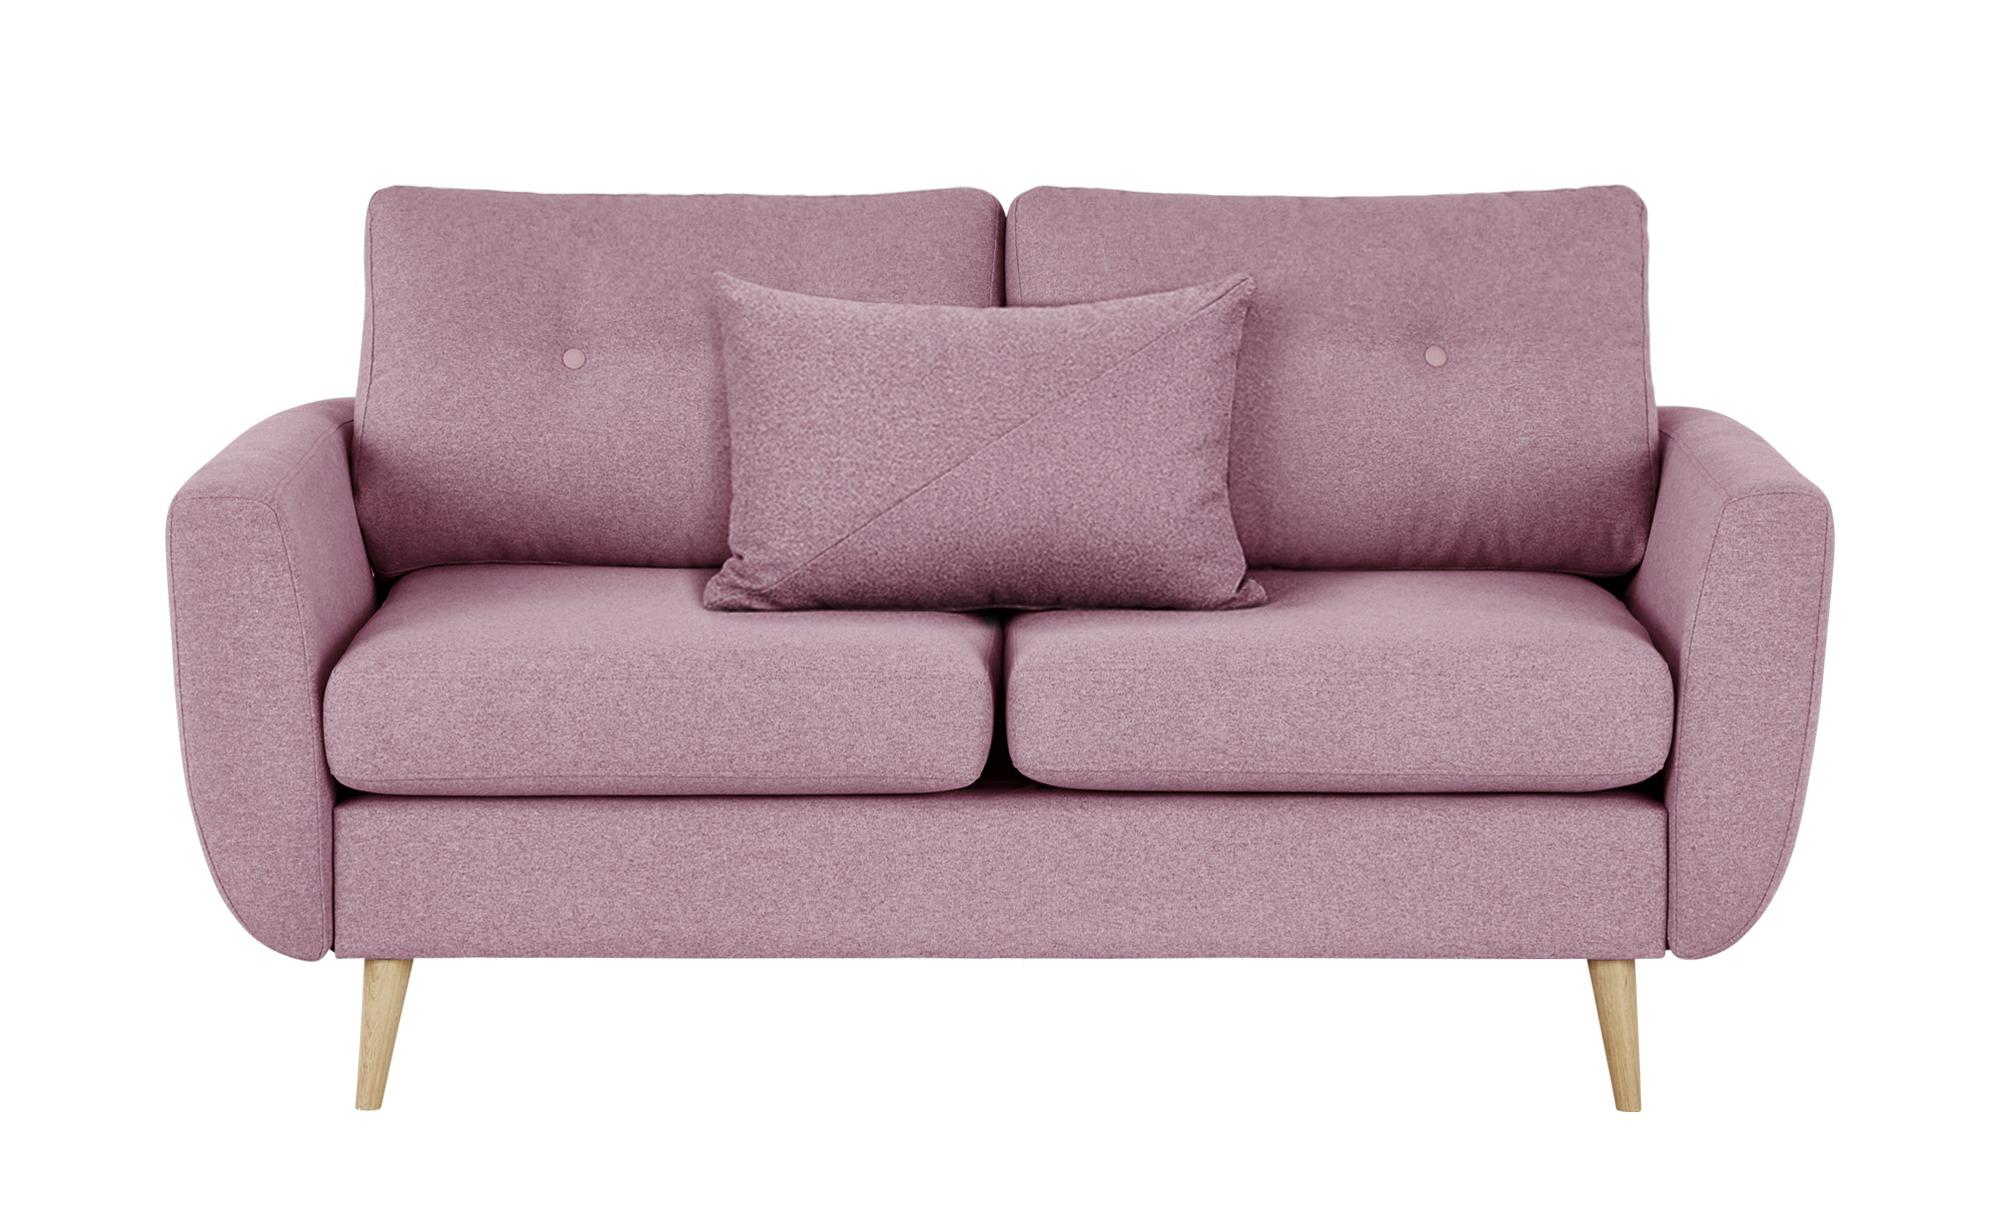 finya Sofa pink - Webstoff Harris ¦ blau ¦ Maße (cm): B: 161 H: 85 T: 92 Polstermöbel > Sofas > 2-Sitzer - Höffner